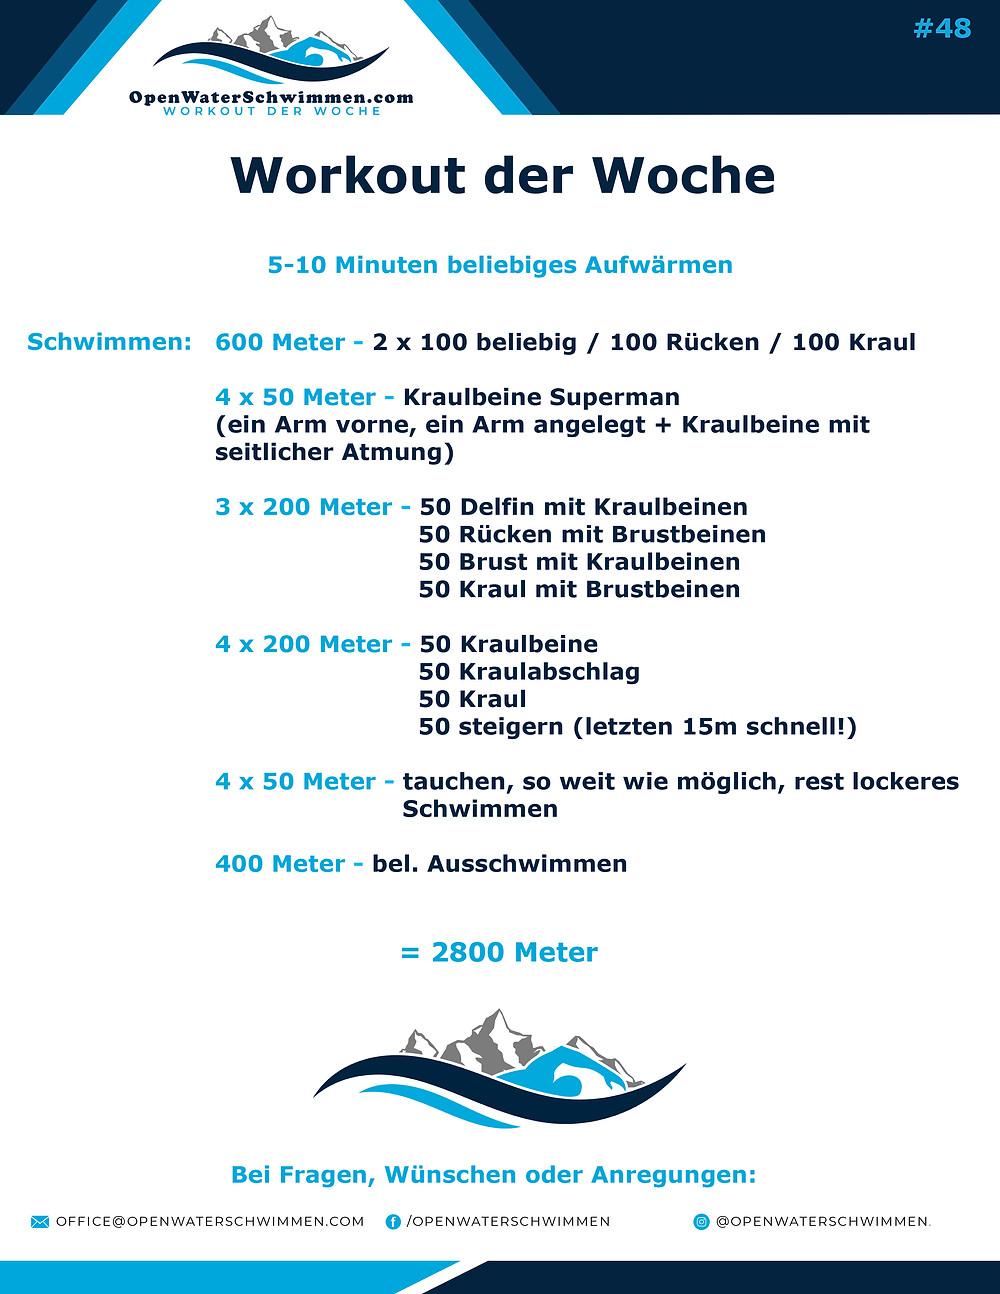 Das Schwimm-Workout der Woche Nummer 48